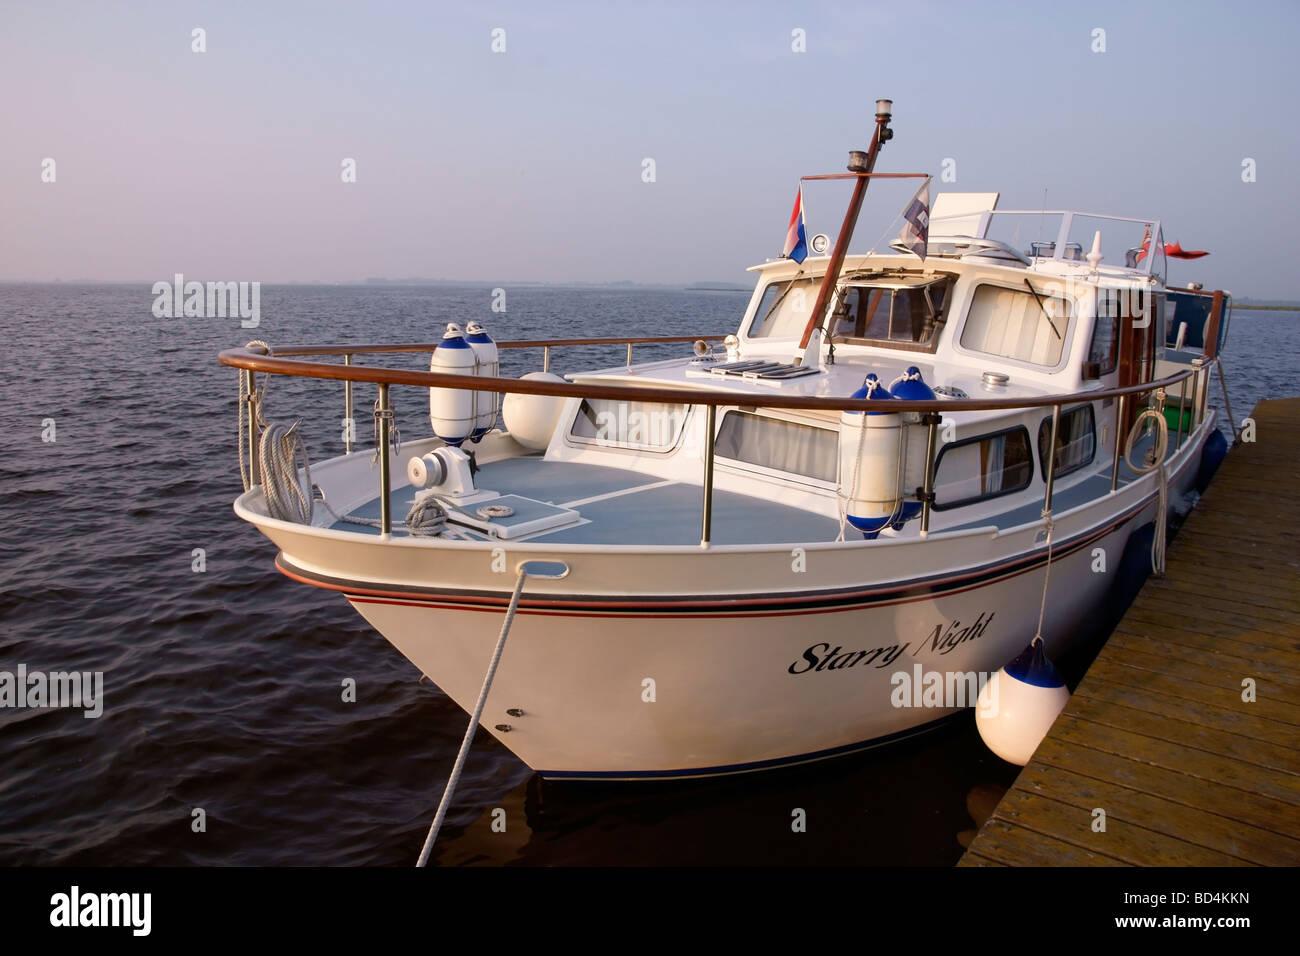 Ein Motorboot liegt an einem hölzernen Bootssteg am Lauwersmeer Stockbild